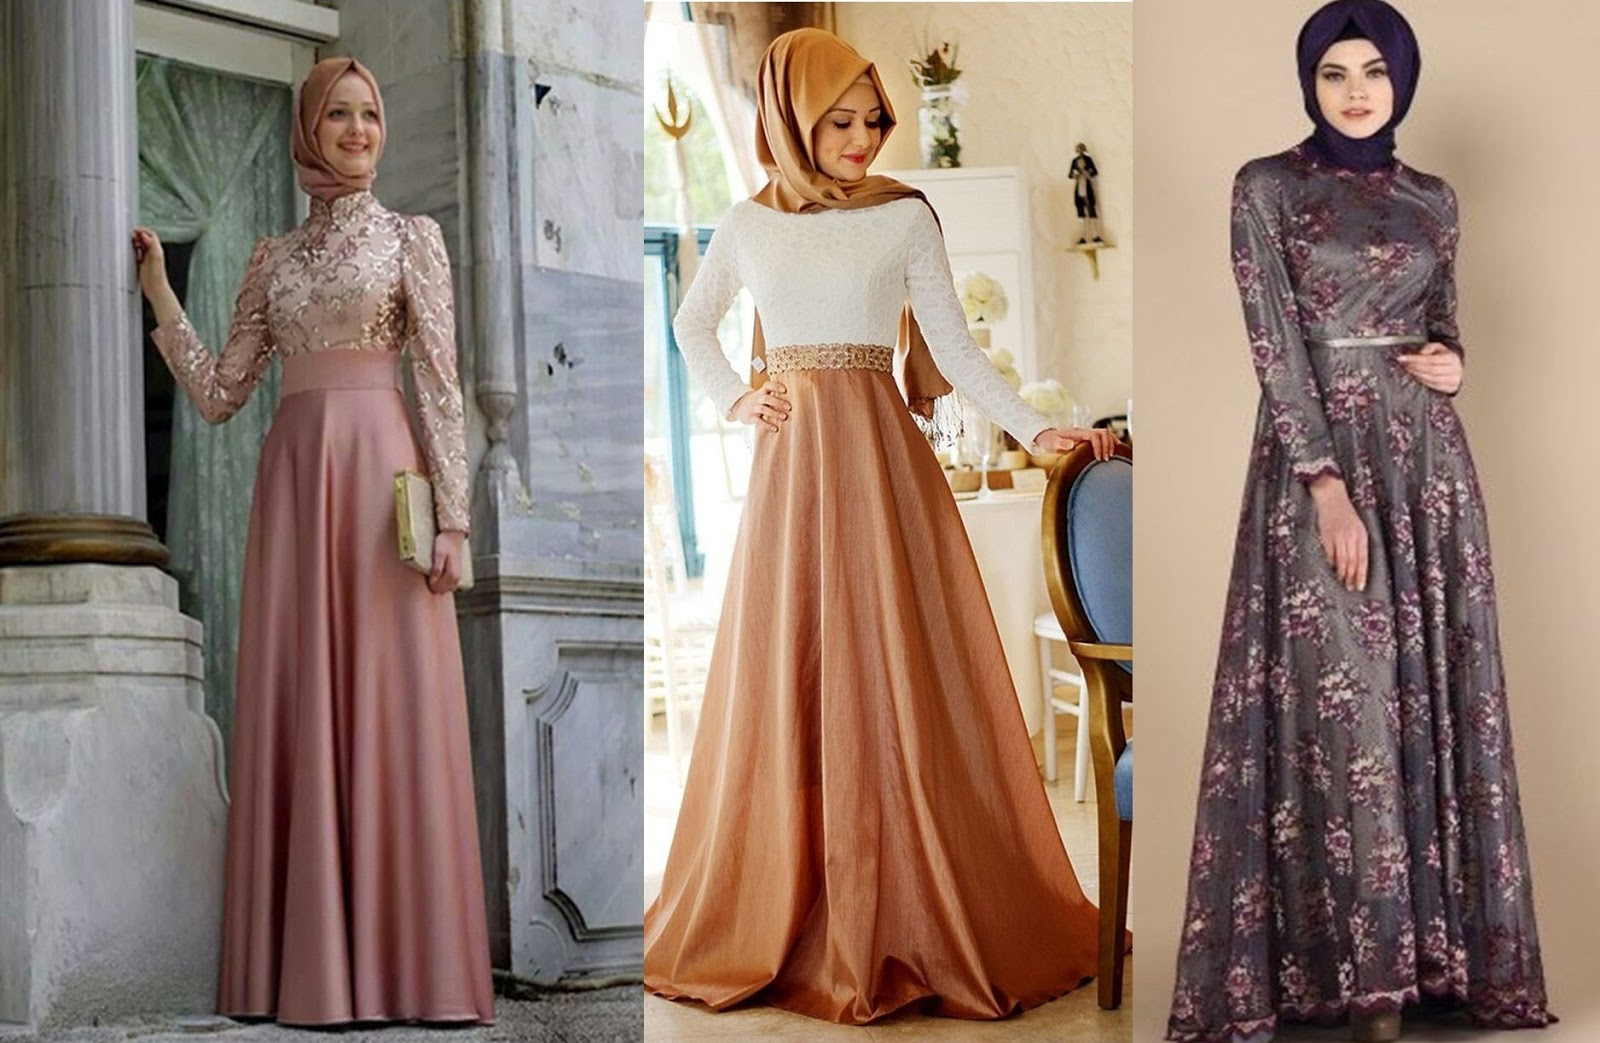 بالصور ملابس تركية للمحجبات , ارق و اجمل ملابس المحجبات التركيه 807 4